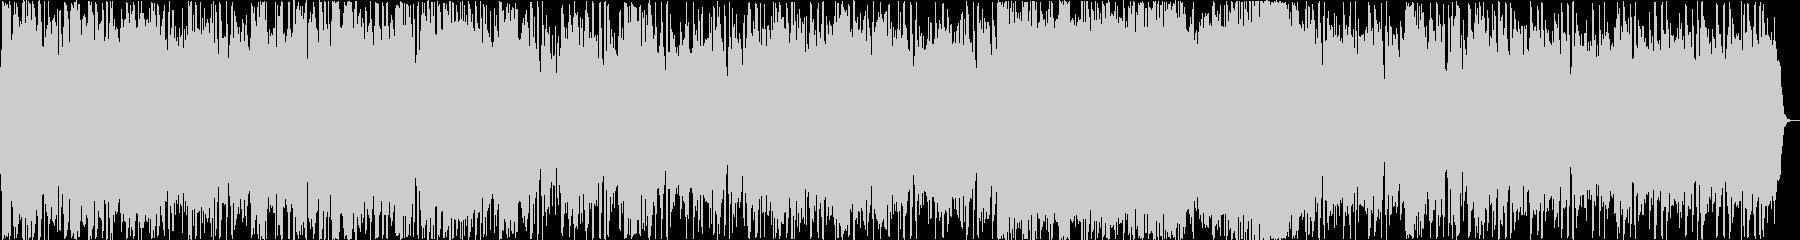 ああ、これはアグレッシブ、ブル・シ...の未再生の波形